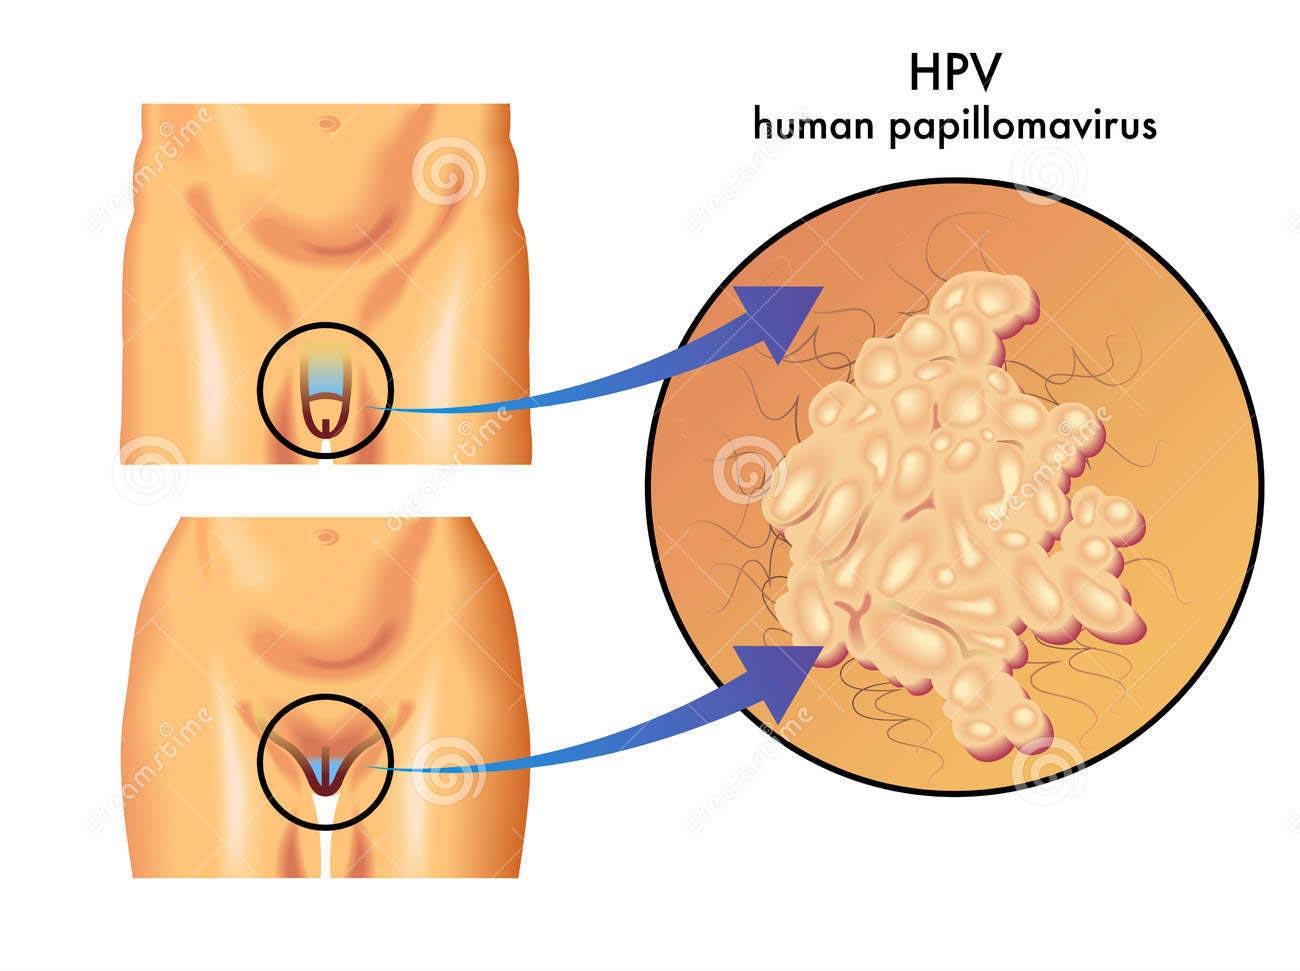 Papillomavirus uomini Condylomata acuminata nhg